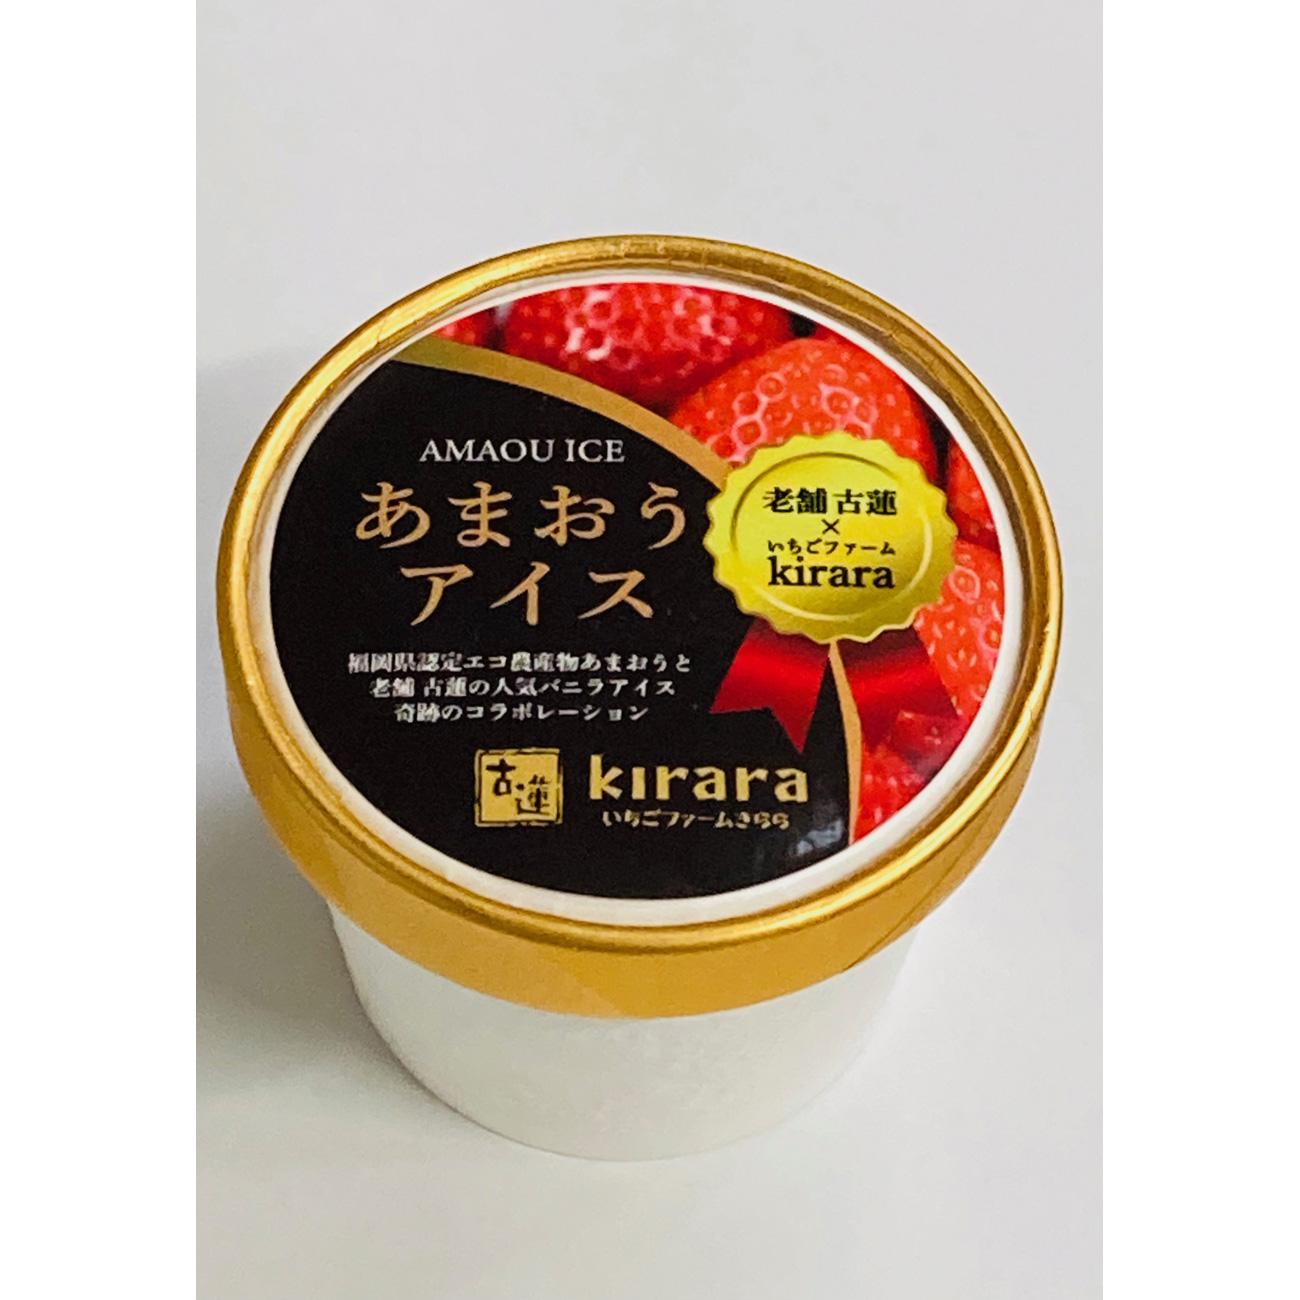 古蓮あまおうアイスクリーム (75ml)